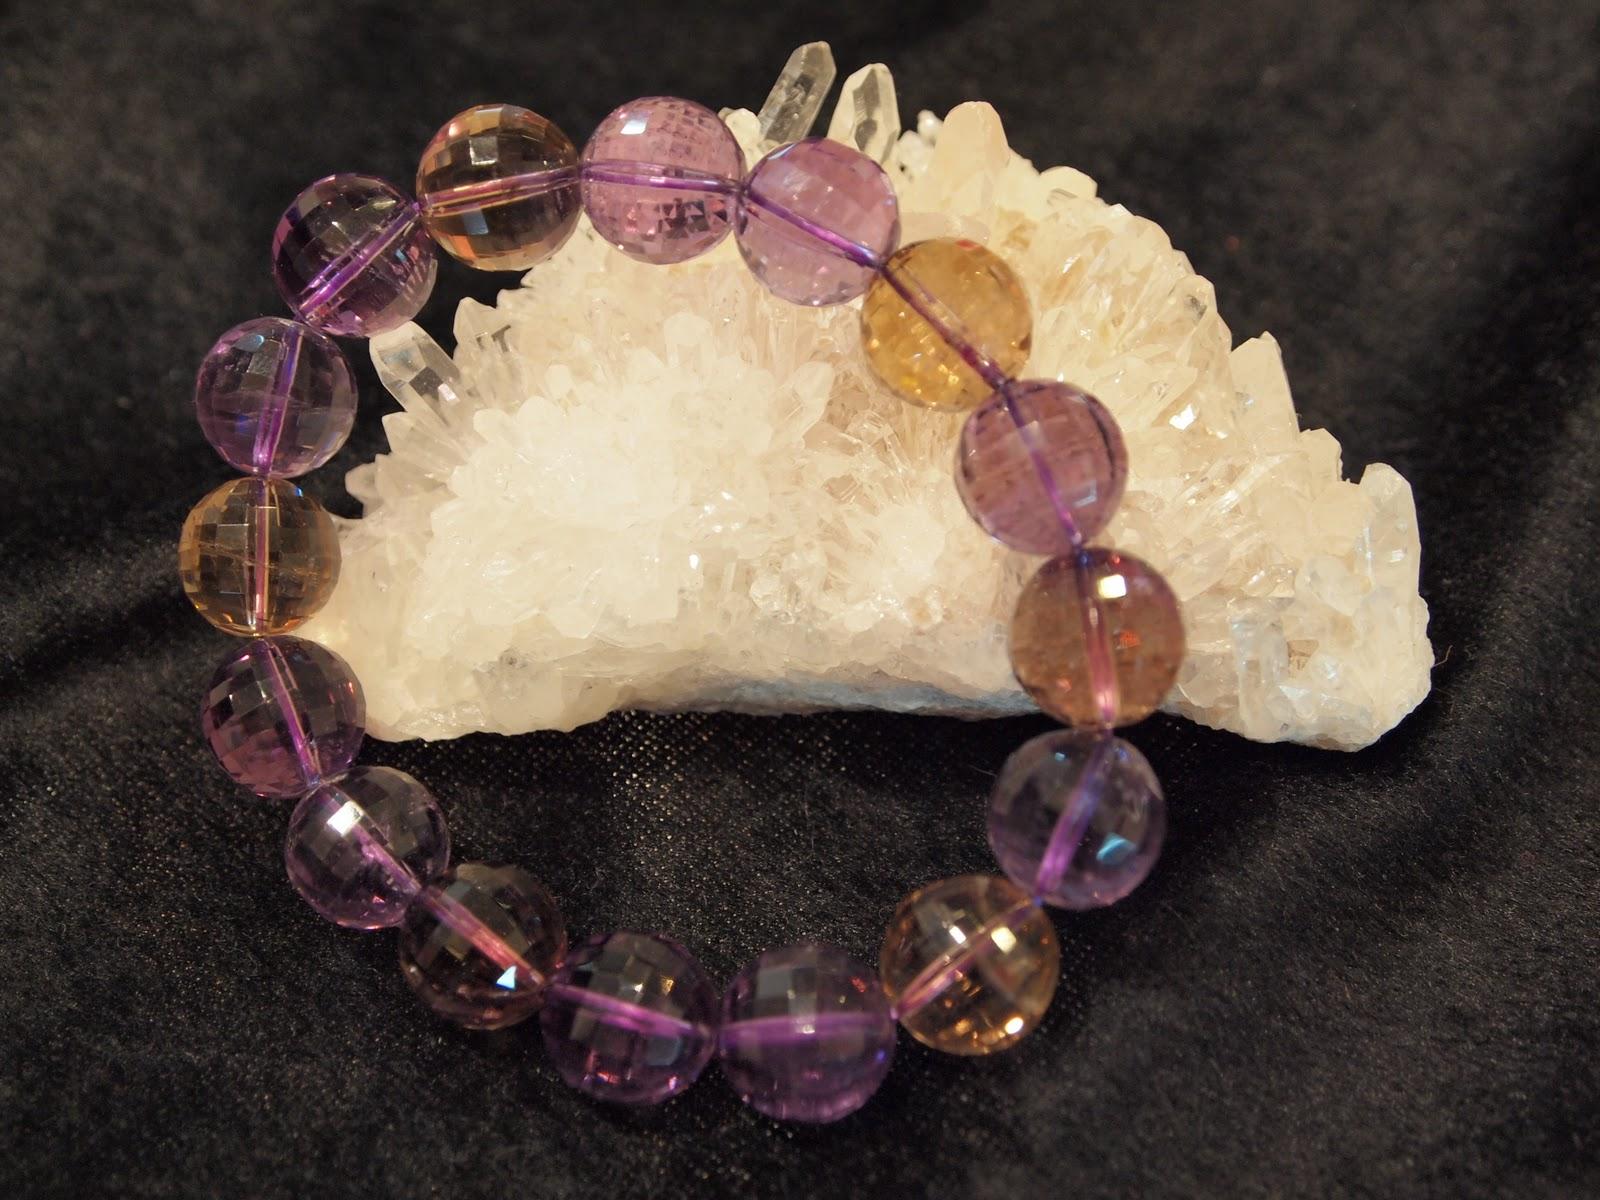 Yu Choi Kee Natural Crystals 裕財記天然水晶: 紫黃晶